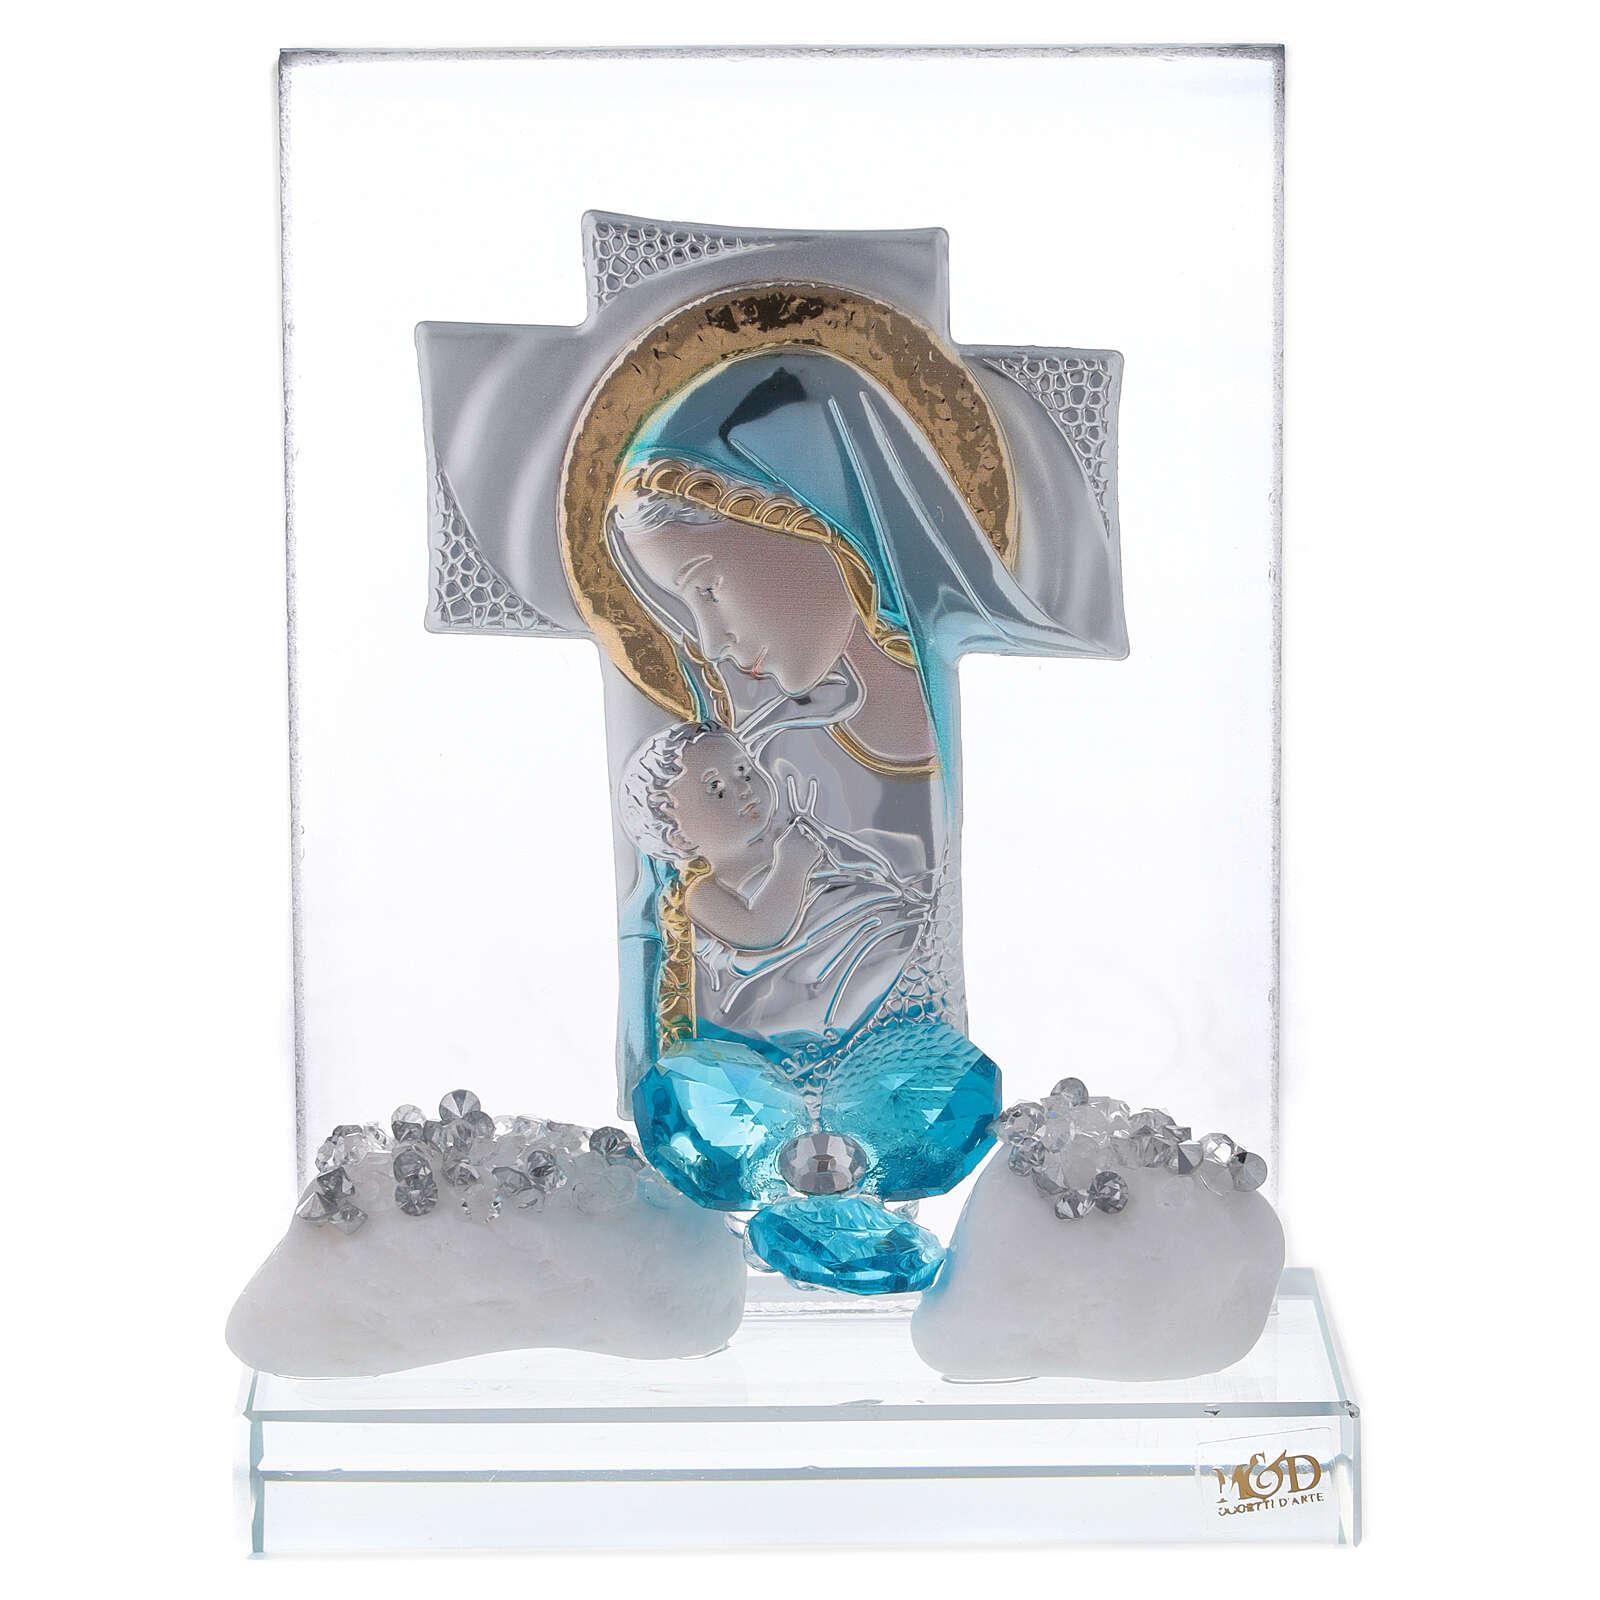 Cuadrito incisión maternidad flor azul 3